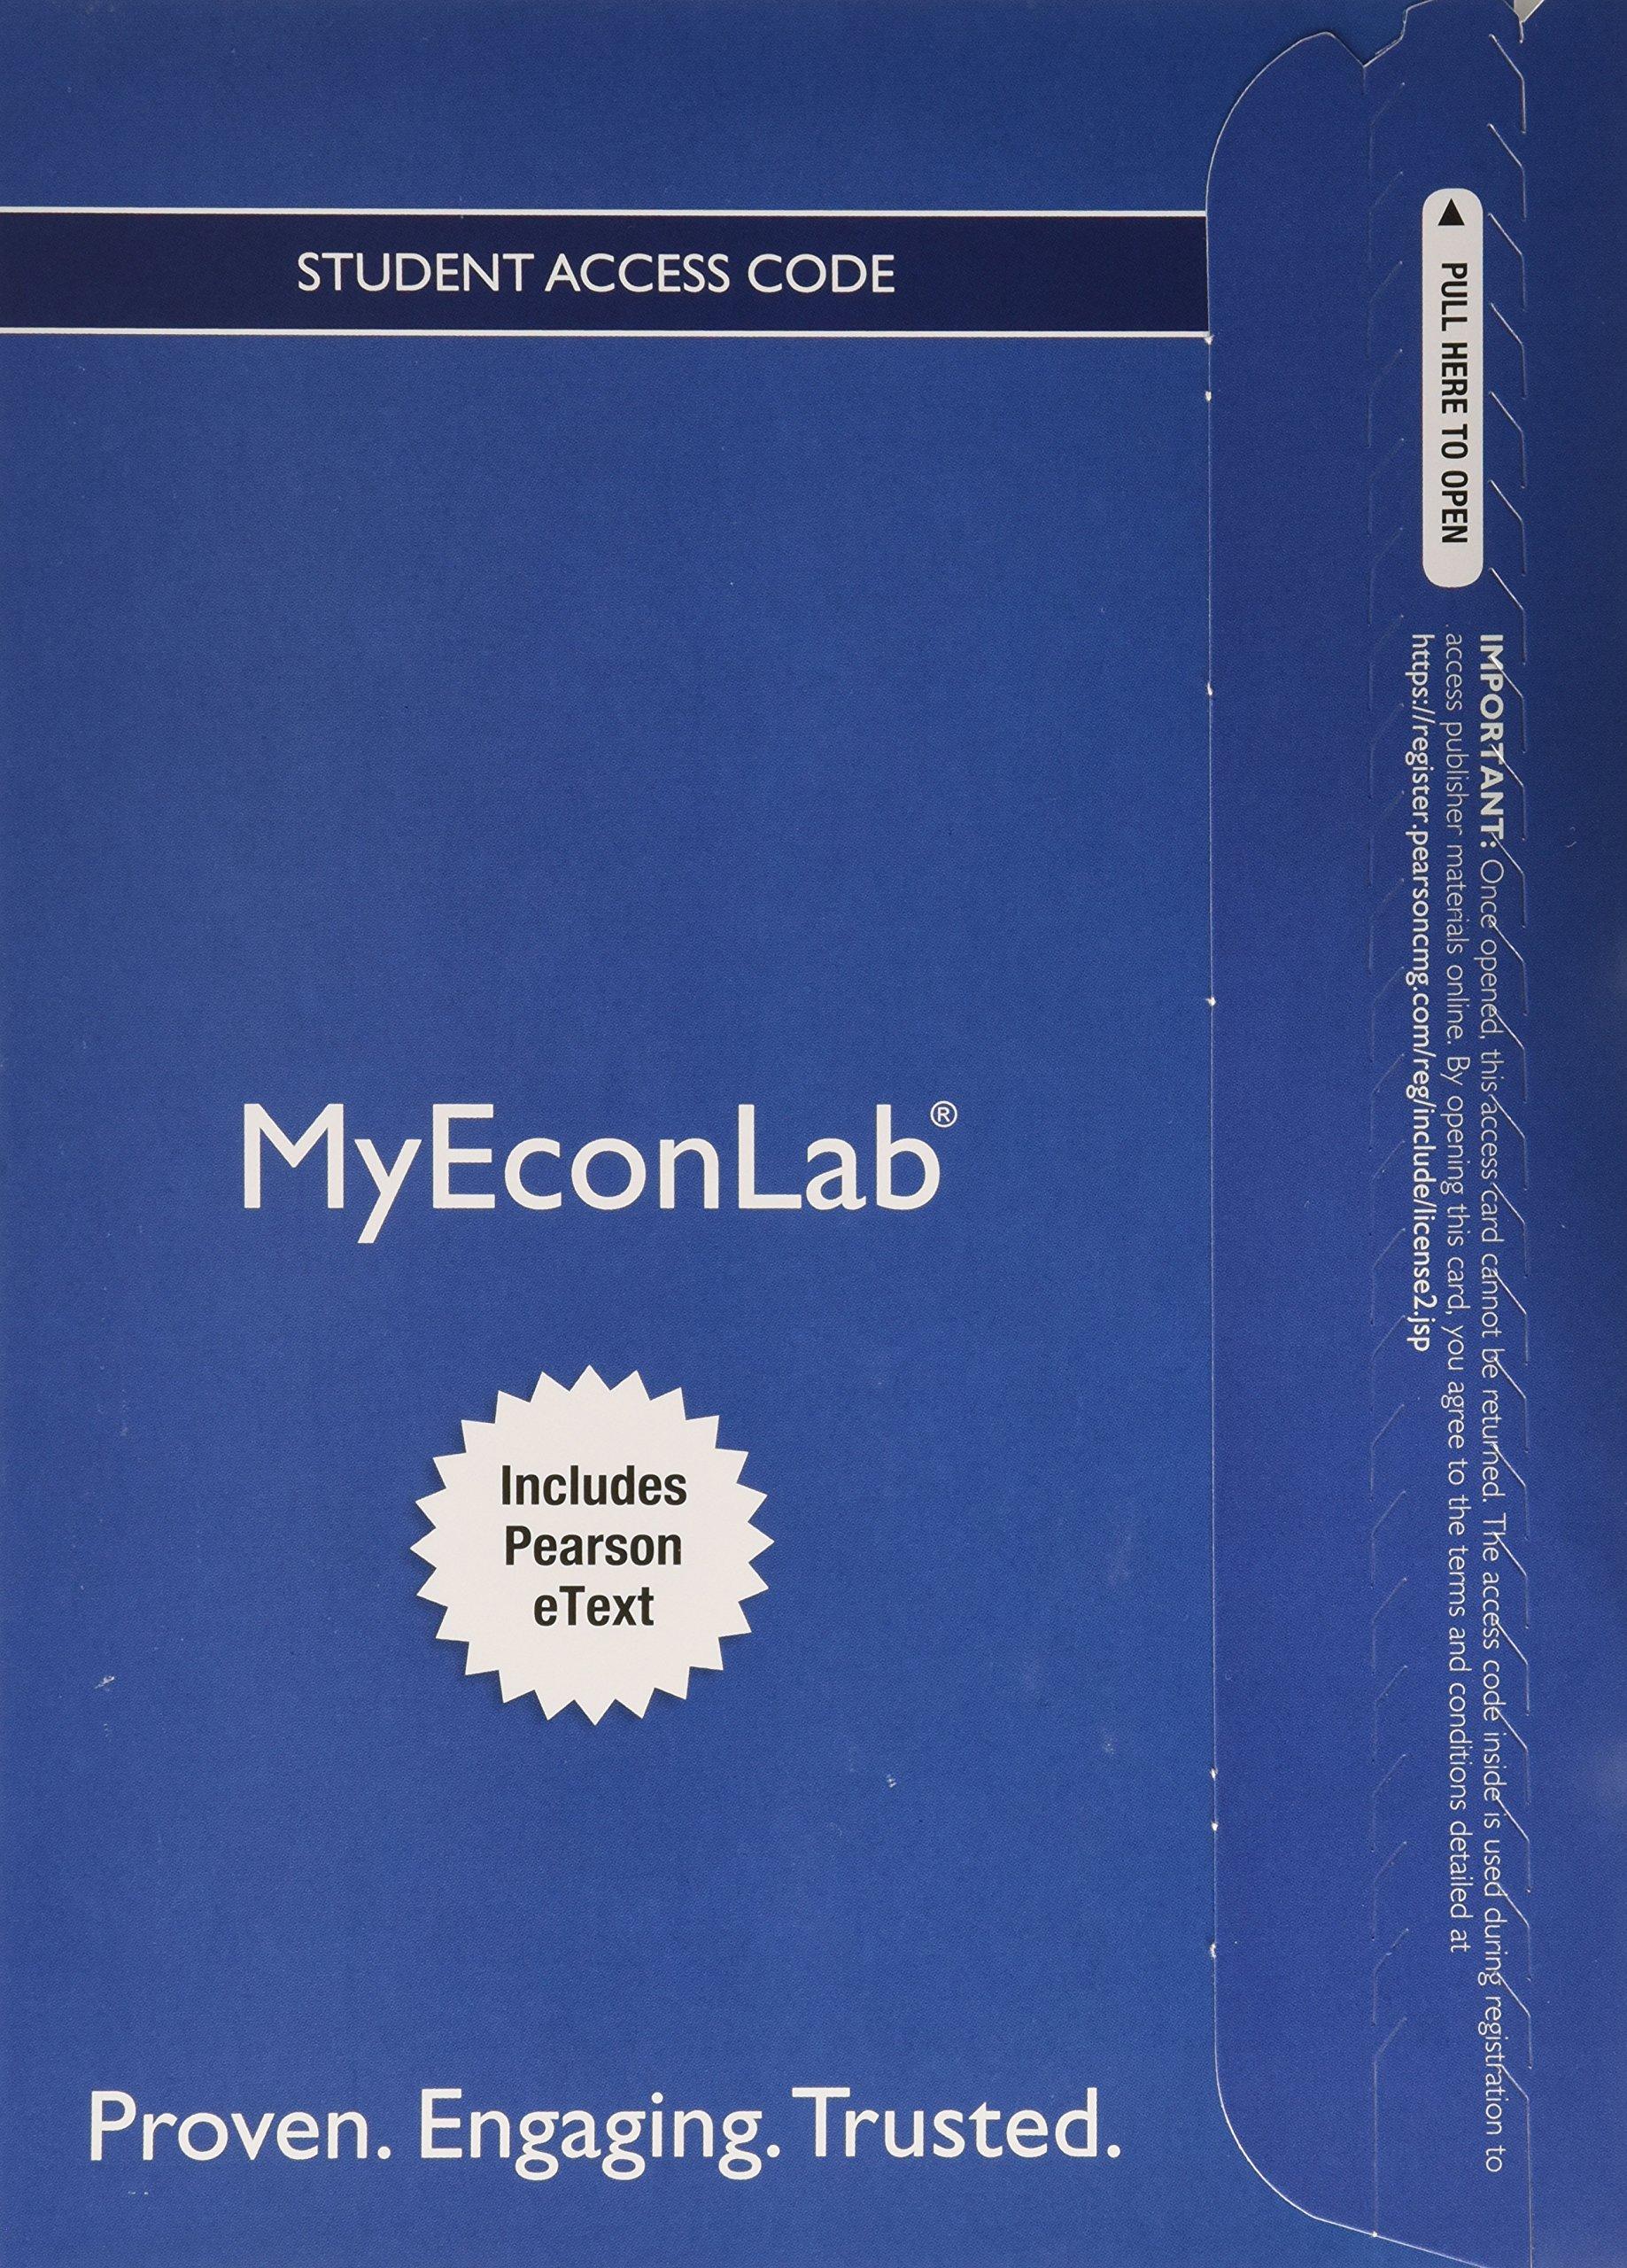 Buy Myeconlab Now!